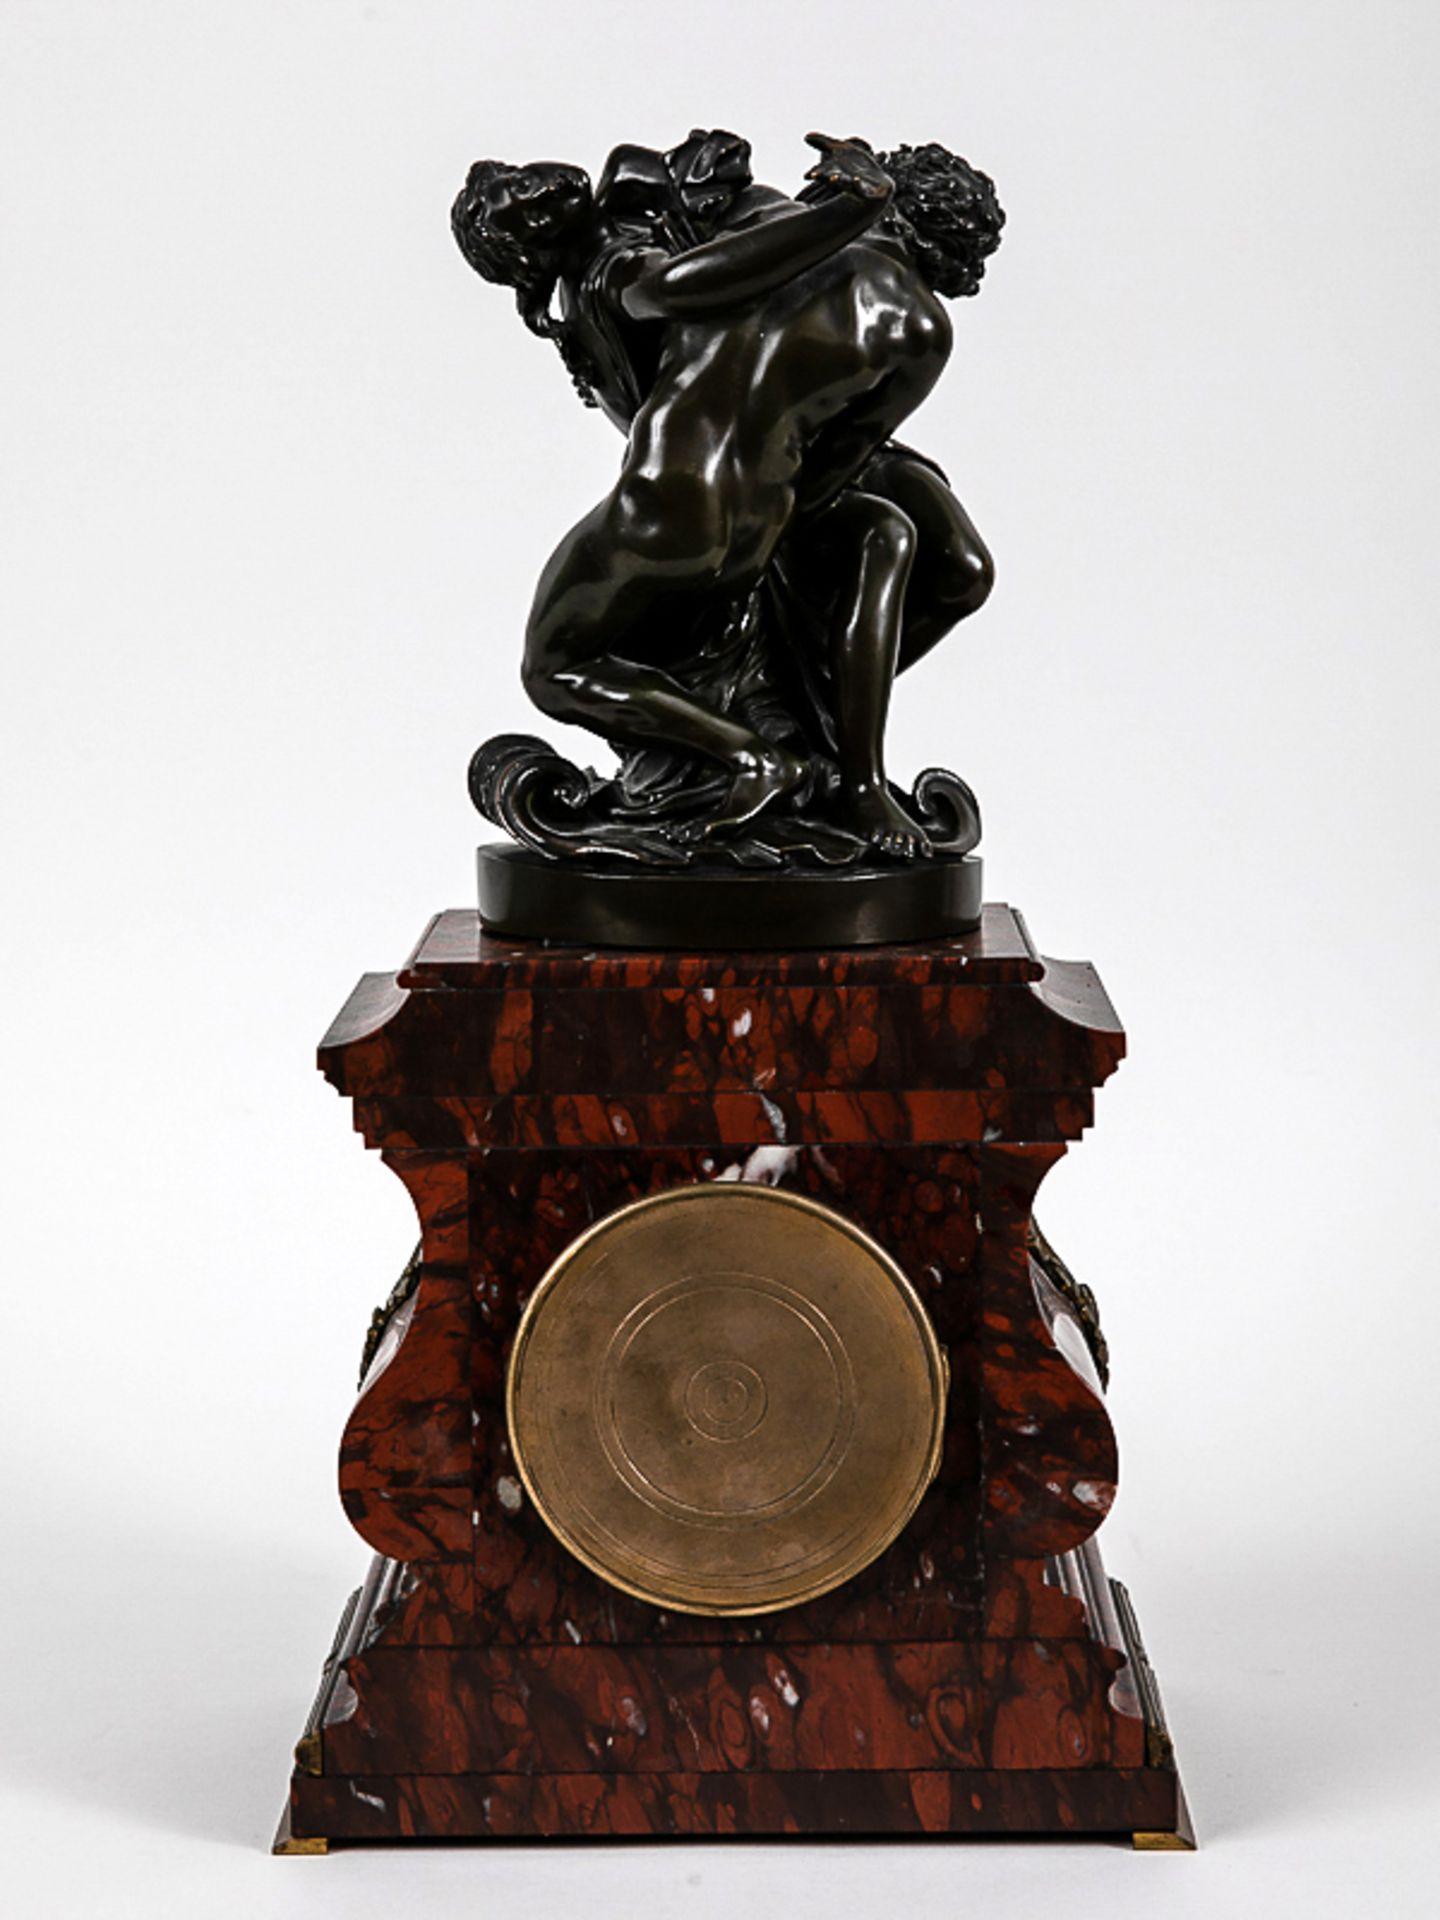 Kaminuhr mit Bronzegruppe, H. Jacquet & Fils/ Roblin, Paris, 2. Hälfte 19. Jh. Bronzeplastik i - Bild 6 aus 10